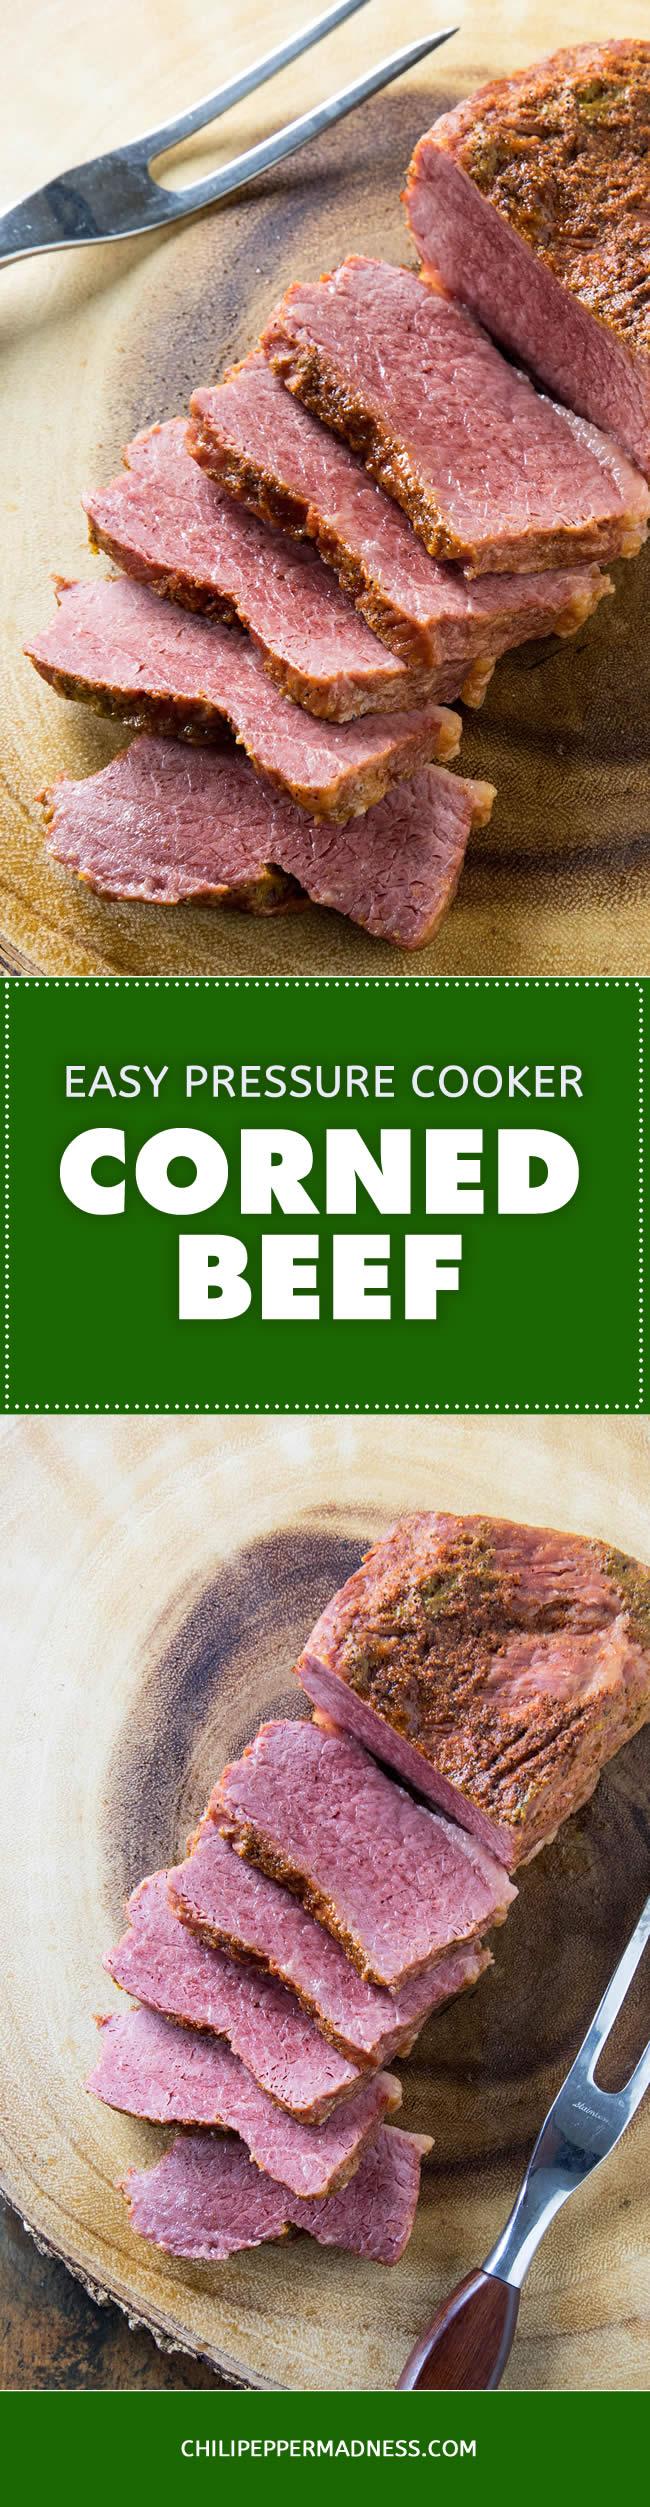 Pressure Cooker Corned Beef Recipe #cornedbeef #beef #brisket #recipe #pressurecooker #instantpot